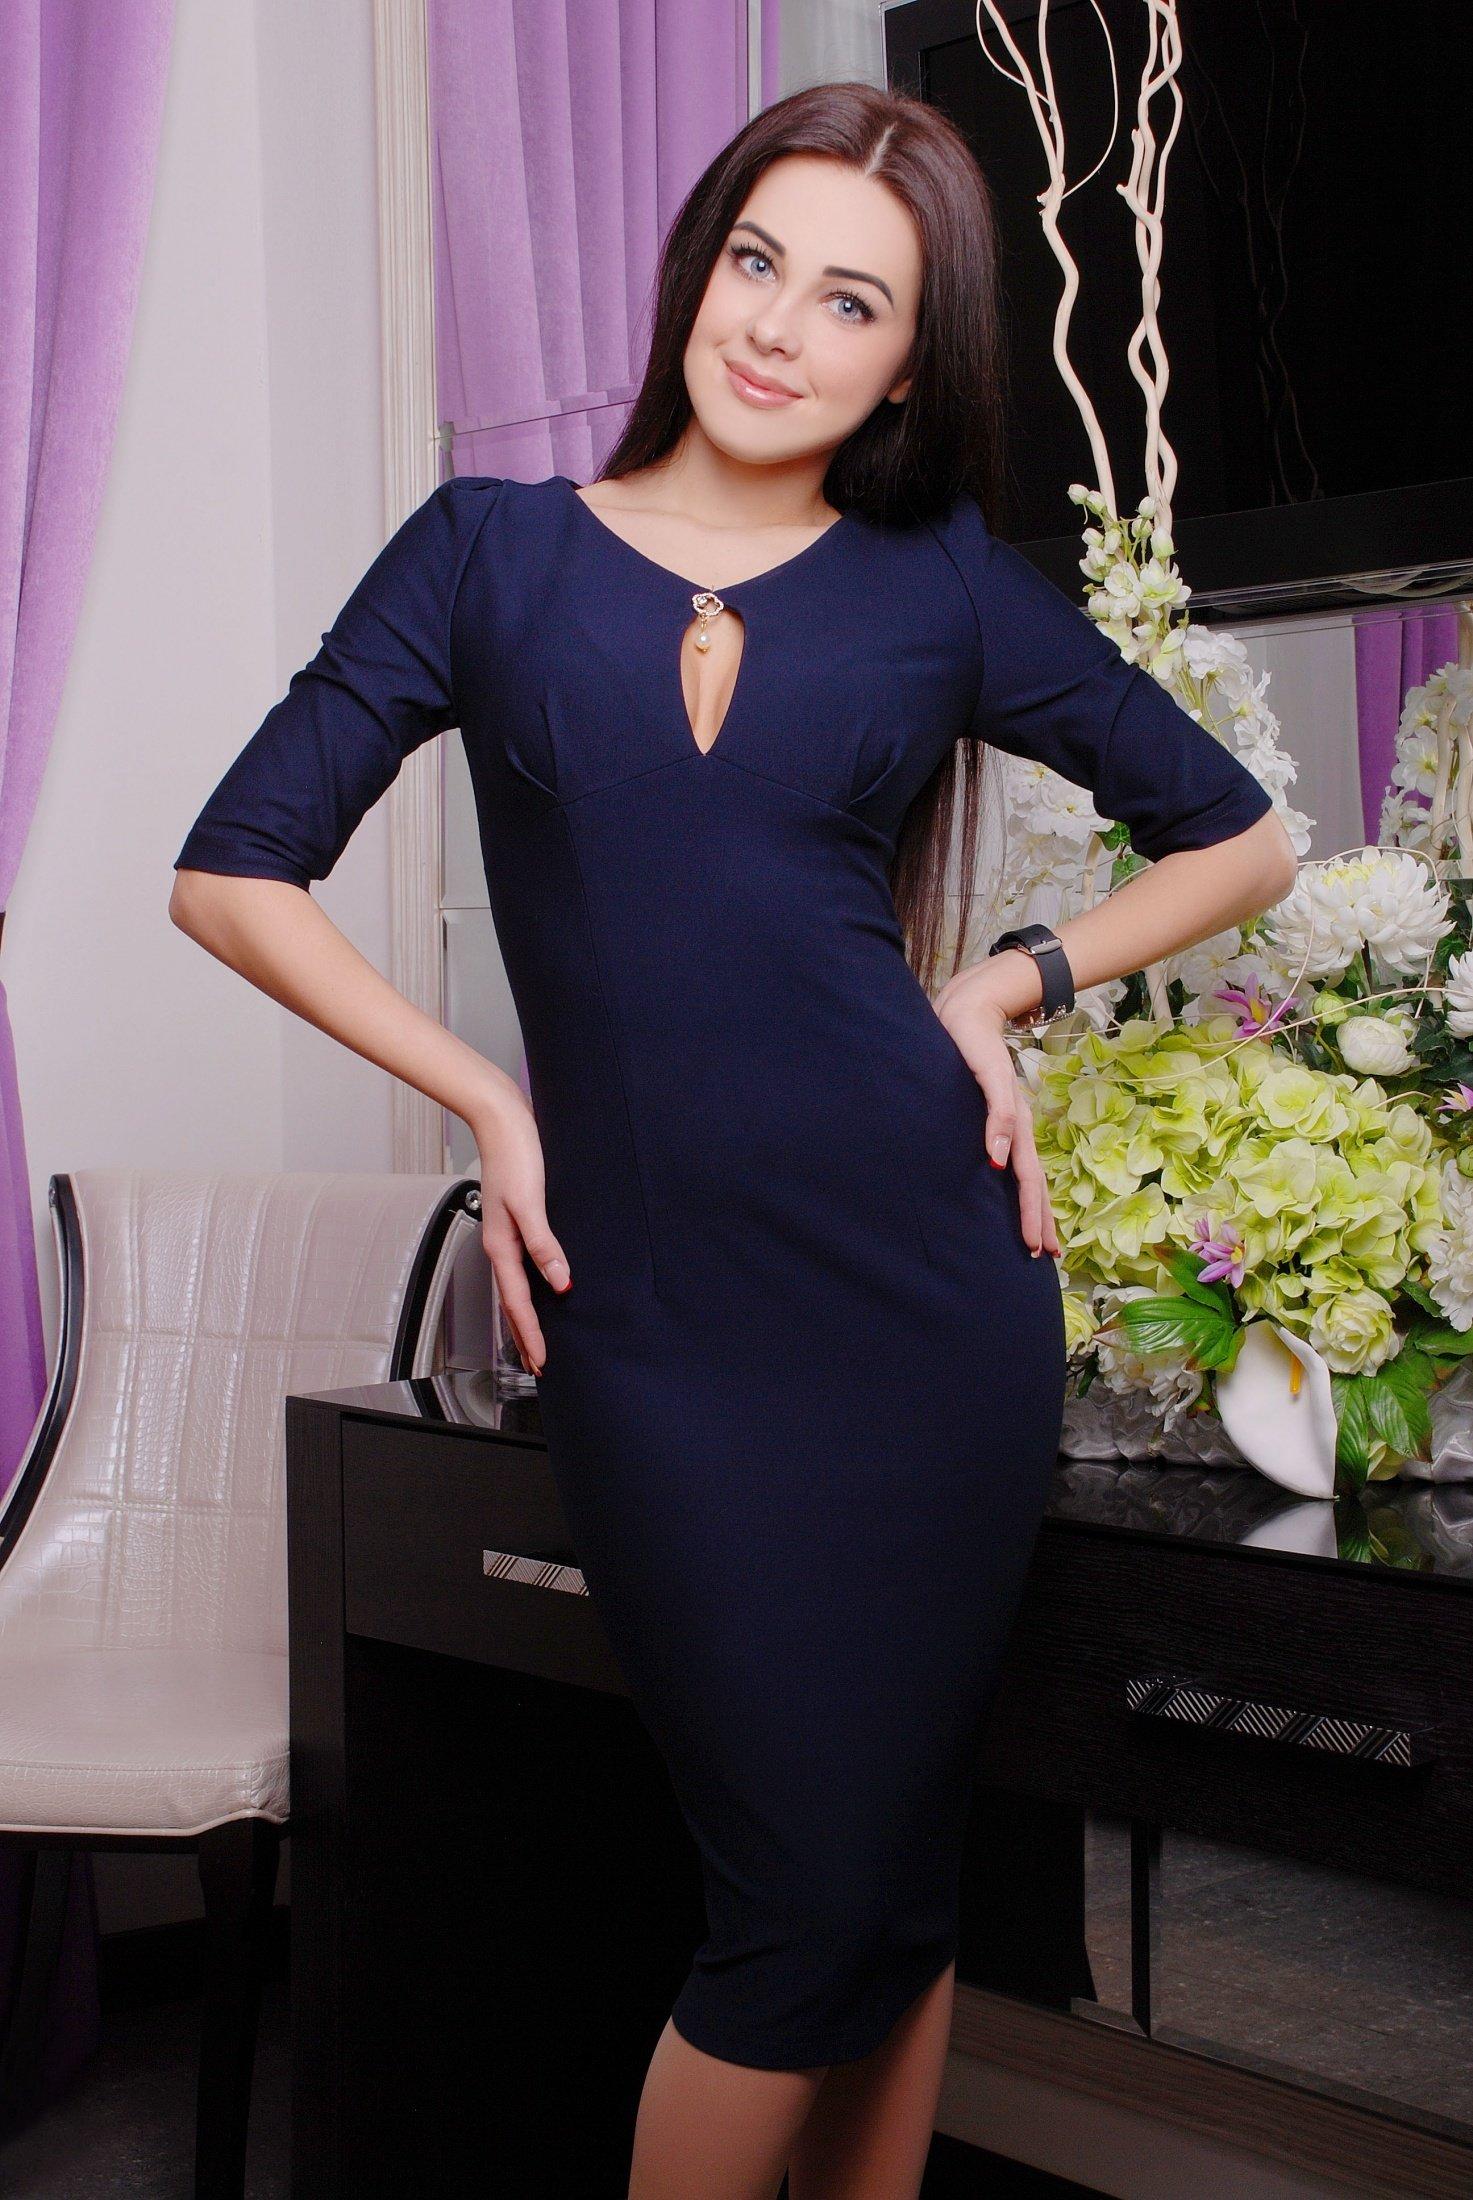 b3601349055 Темно-синє плаття Футляр №2 - купити недорого — Donna Bella - IR ...